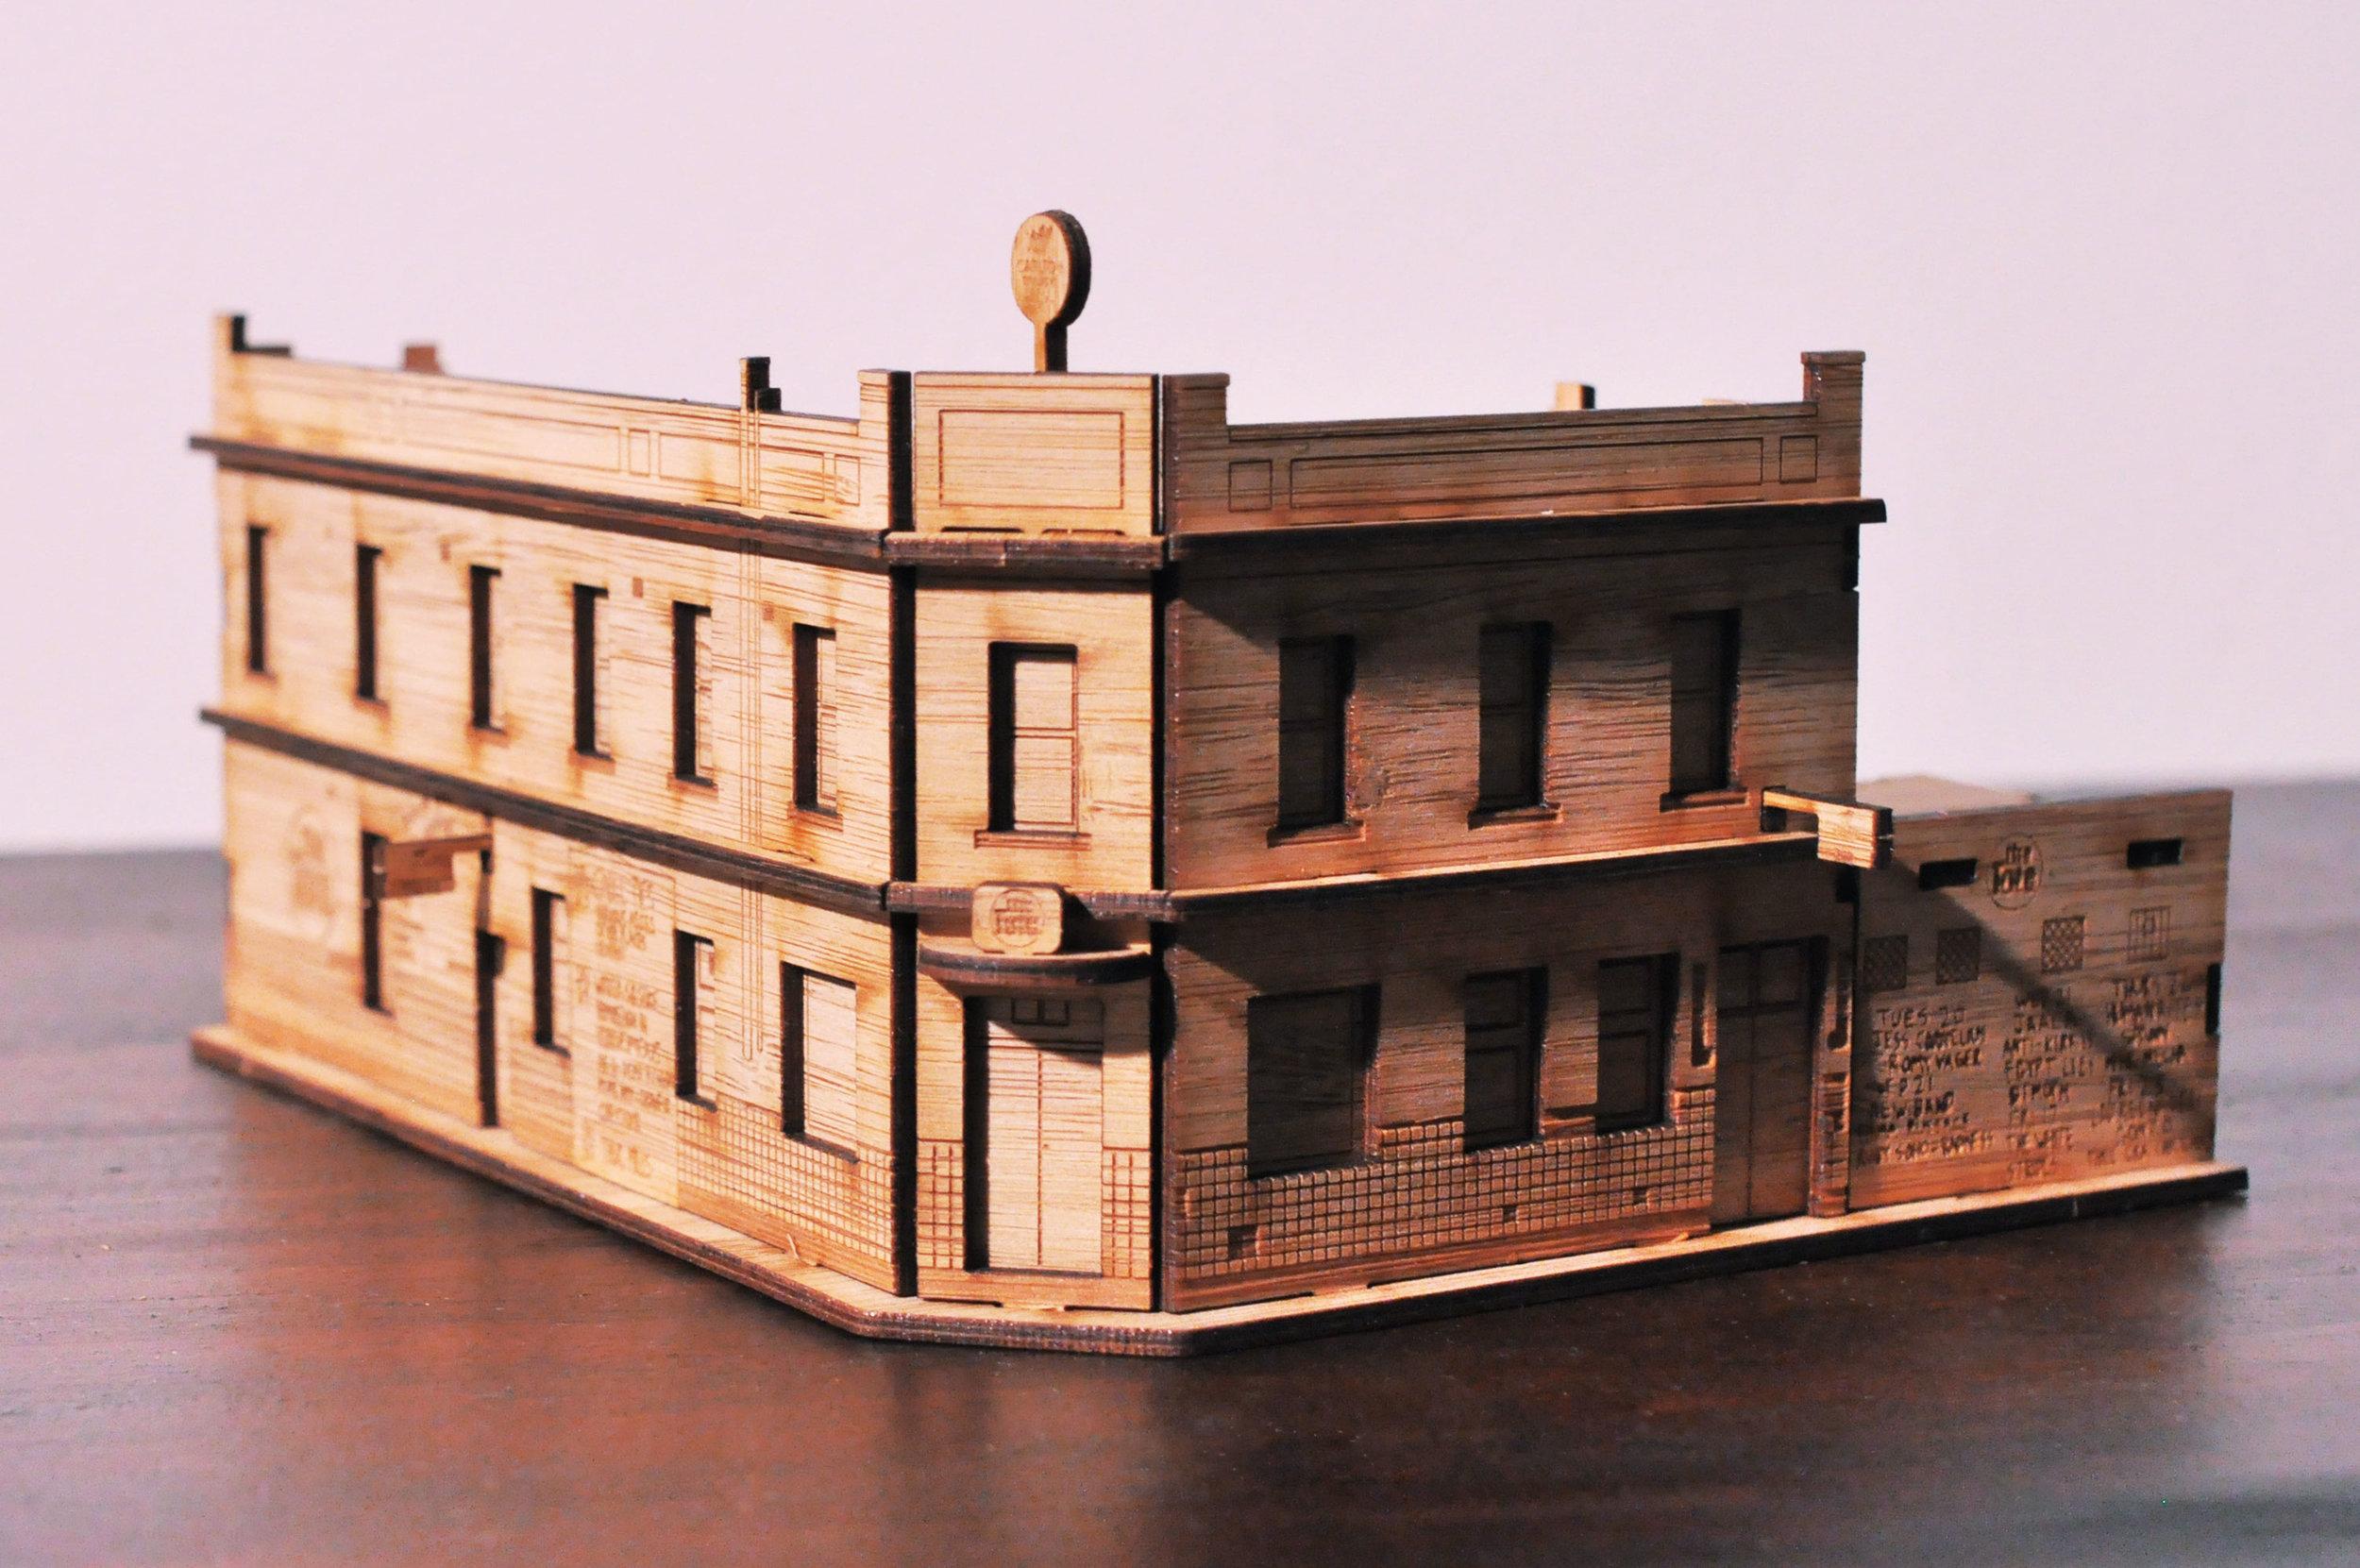 THE TOTE HOTELMELBOURNE. 1870 -